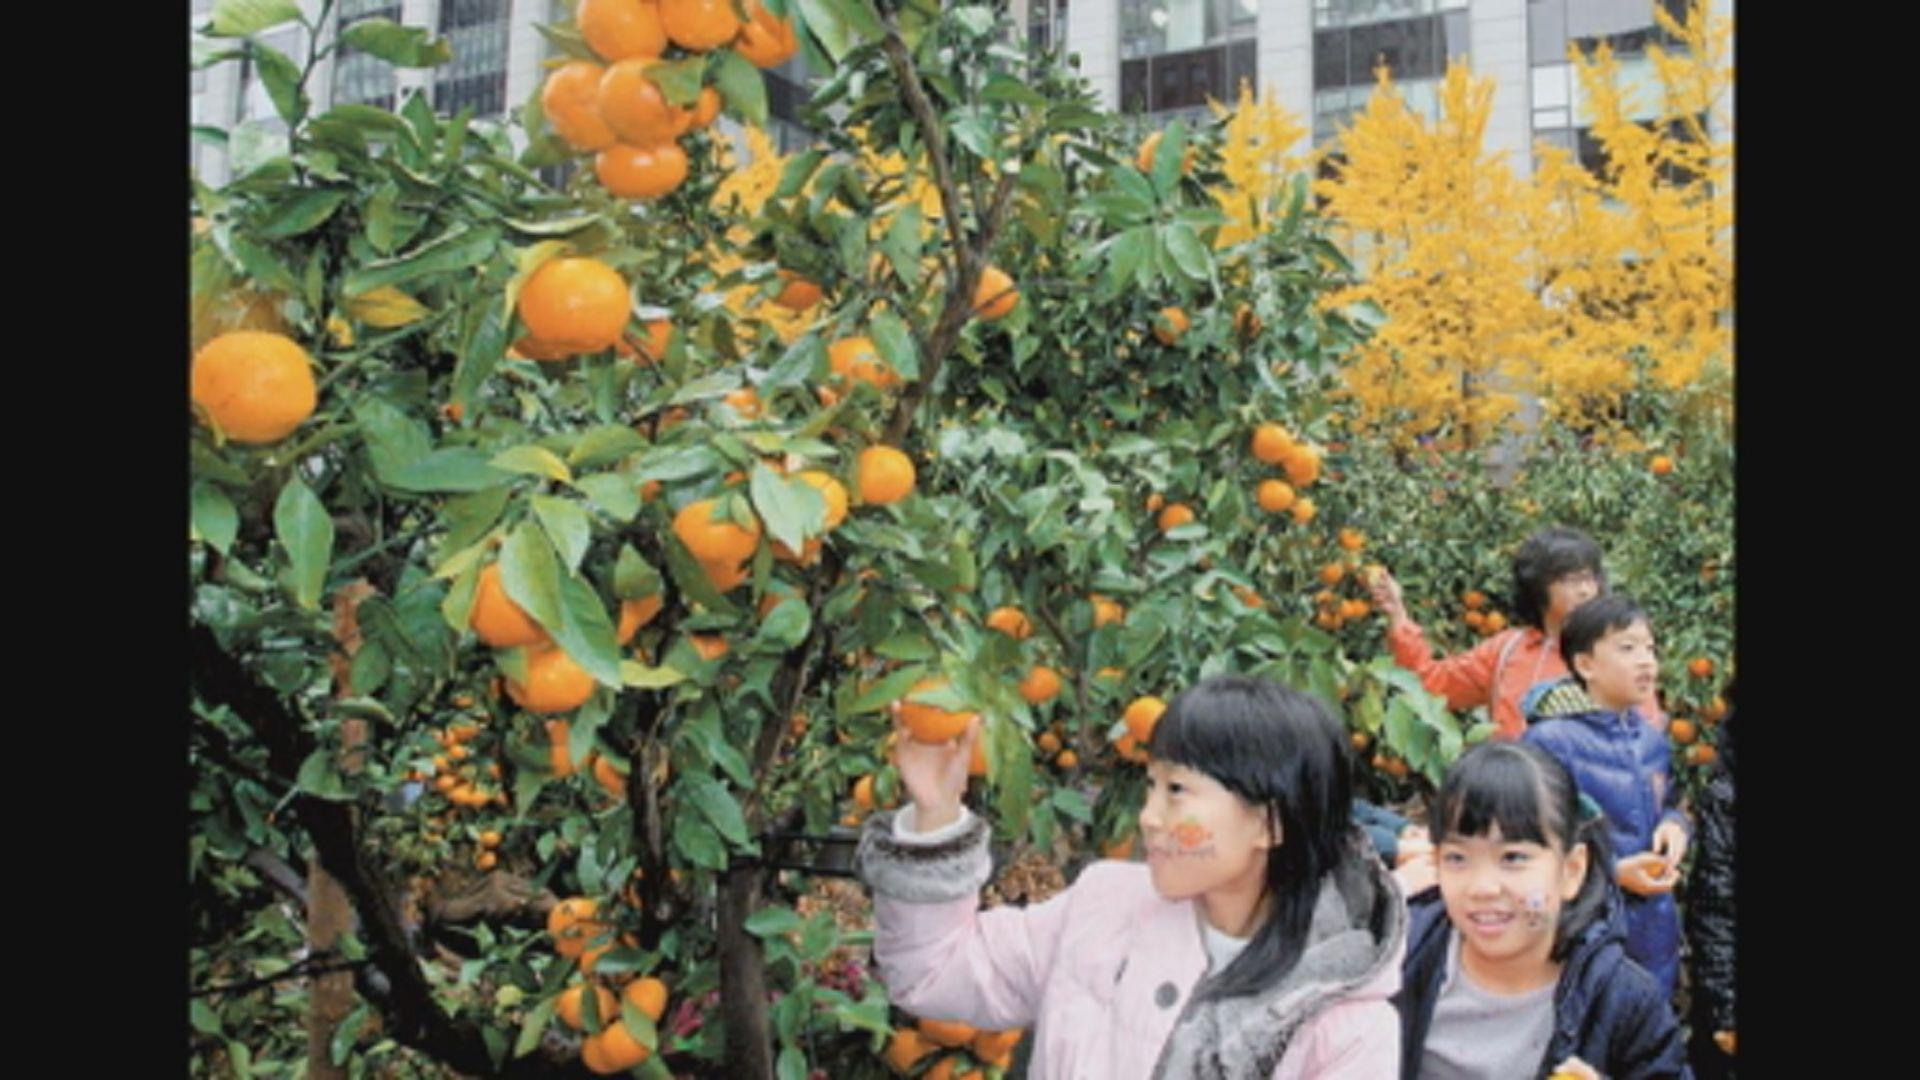 【環球薈報】南韓向北韓送濟州柑橘回禮